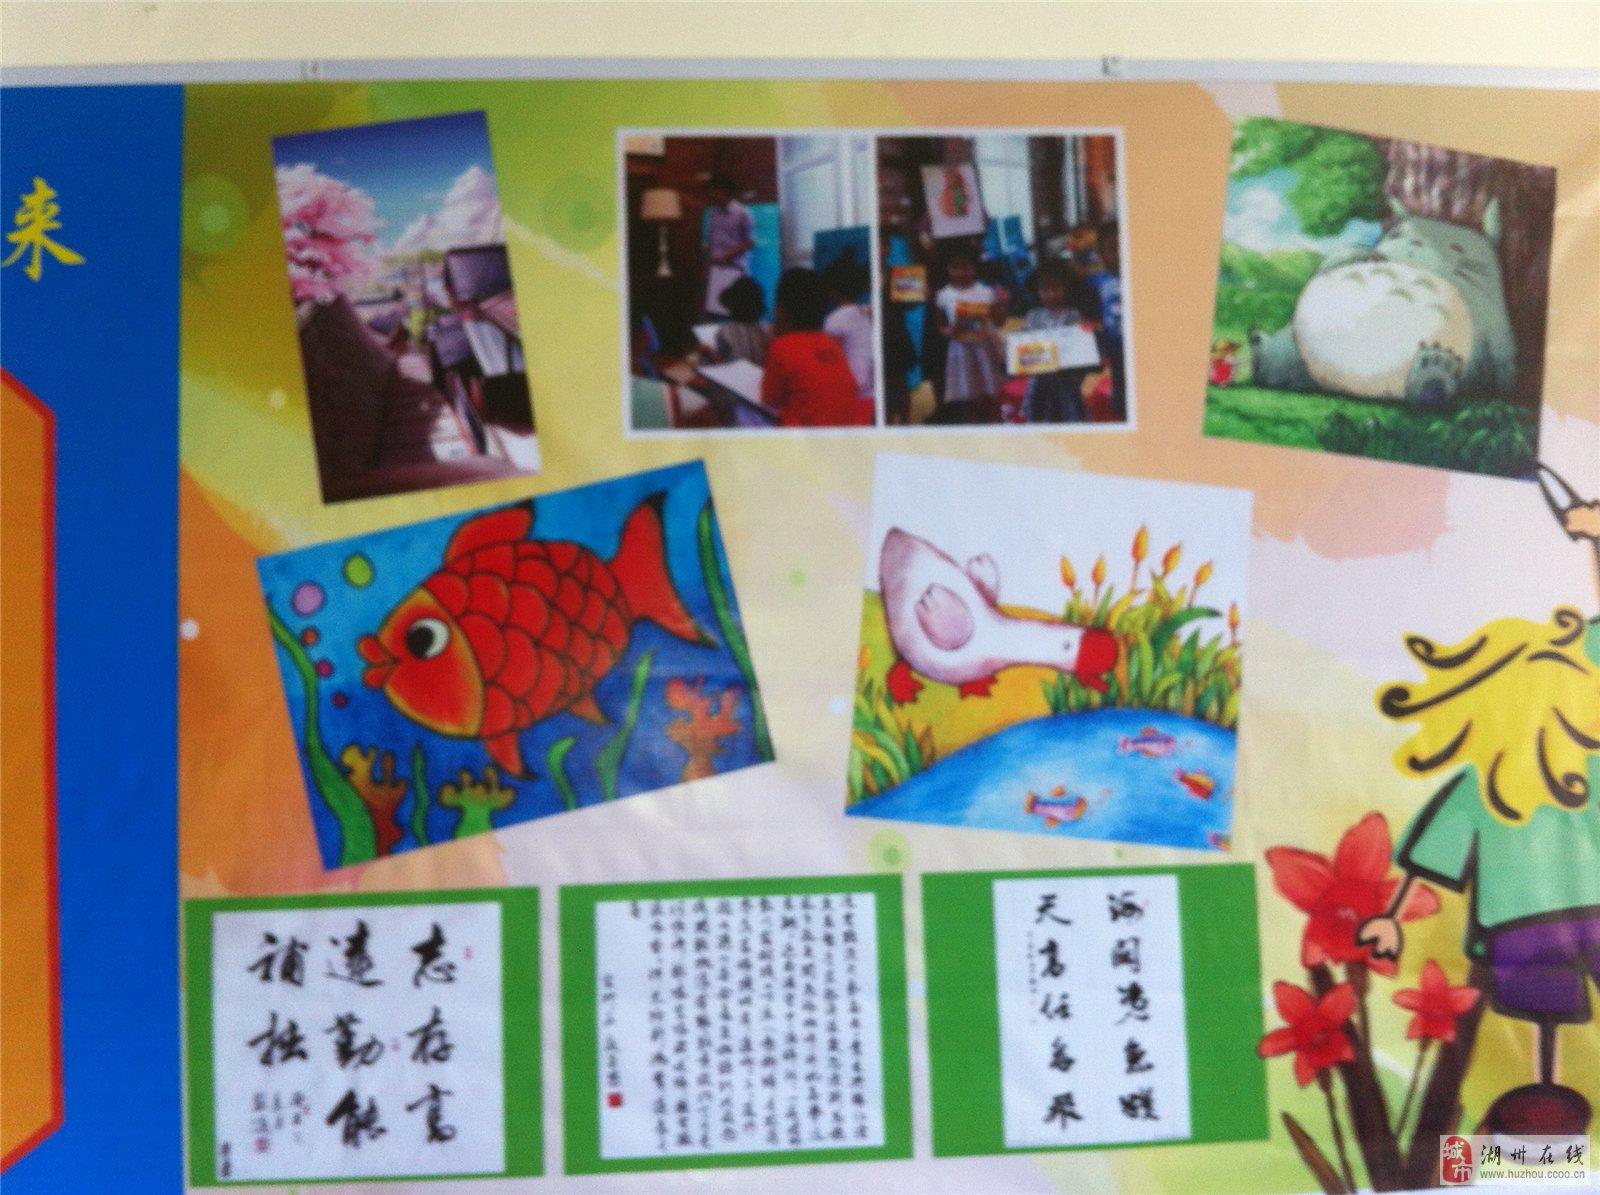 湖州创意儿童画培训 (第一阶段) 一、湖州创意儿童画招生对象:适合儿童: 3岁&#8722&#59;&#59;&#59;&#8722&#59;&#59;&#59;12岁 二、湖州创意儿童画学习效果: 通过少儿美术的学习,儿童不仅获得了基础的美术绘画技能知识,更重要的是,经过少儿美术的的思维训练,儿童养成良好的学习习惯,提升动手制作能力。同时,他们的注意力、模仿力、创造力、形象思维能力等等学习能力也得到大大增强,从而使得儿童在其他知识的学习也变得轻松、容易。儿童身心也在教学过程中得到健康发展,从而达到提高学